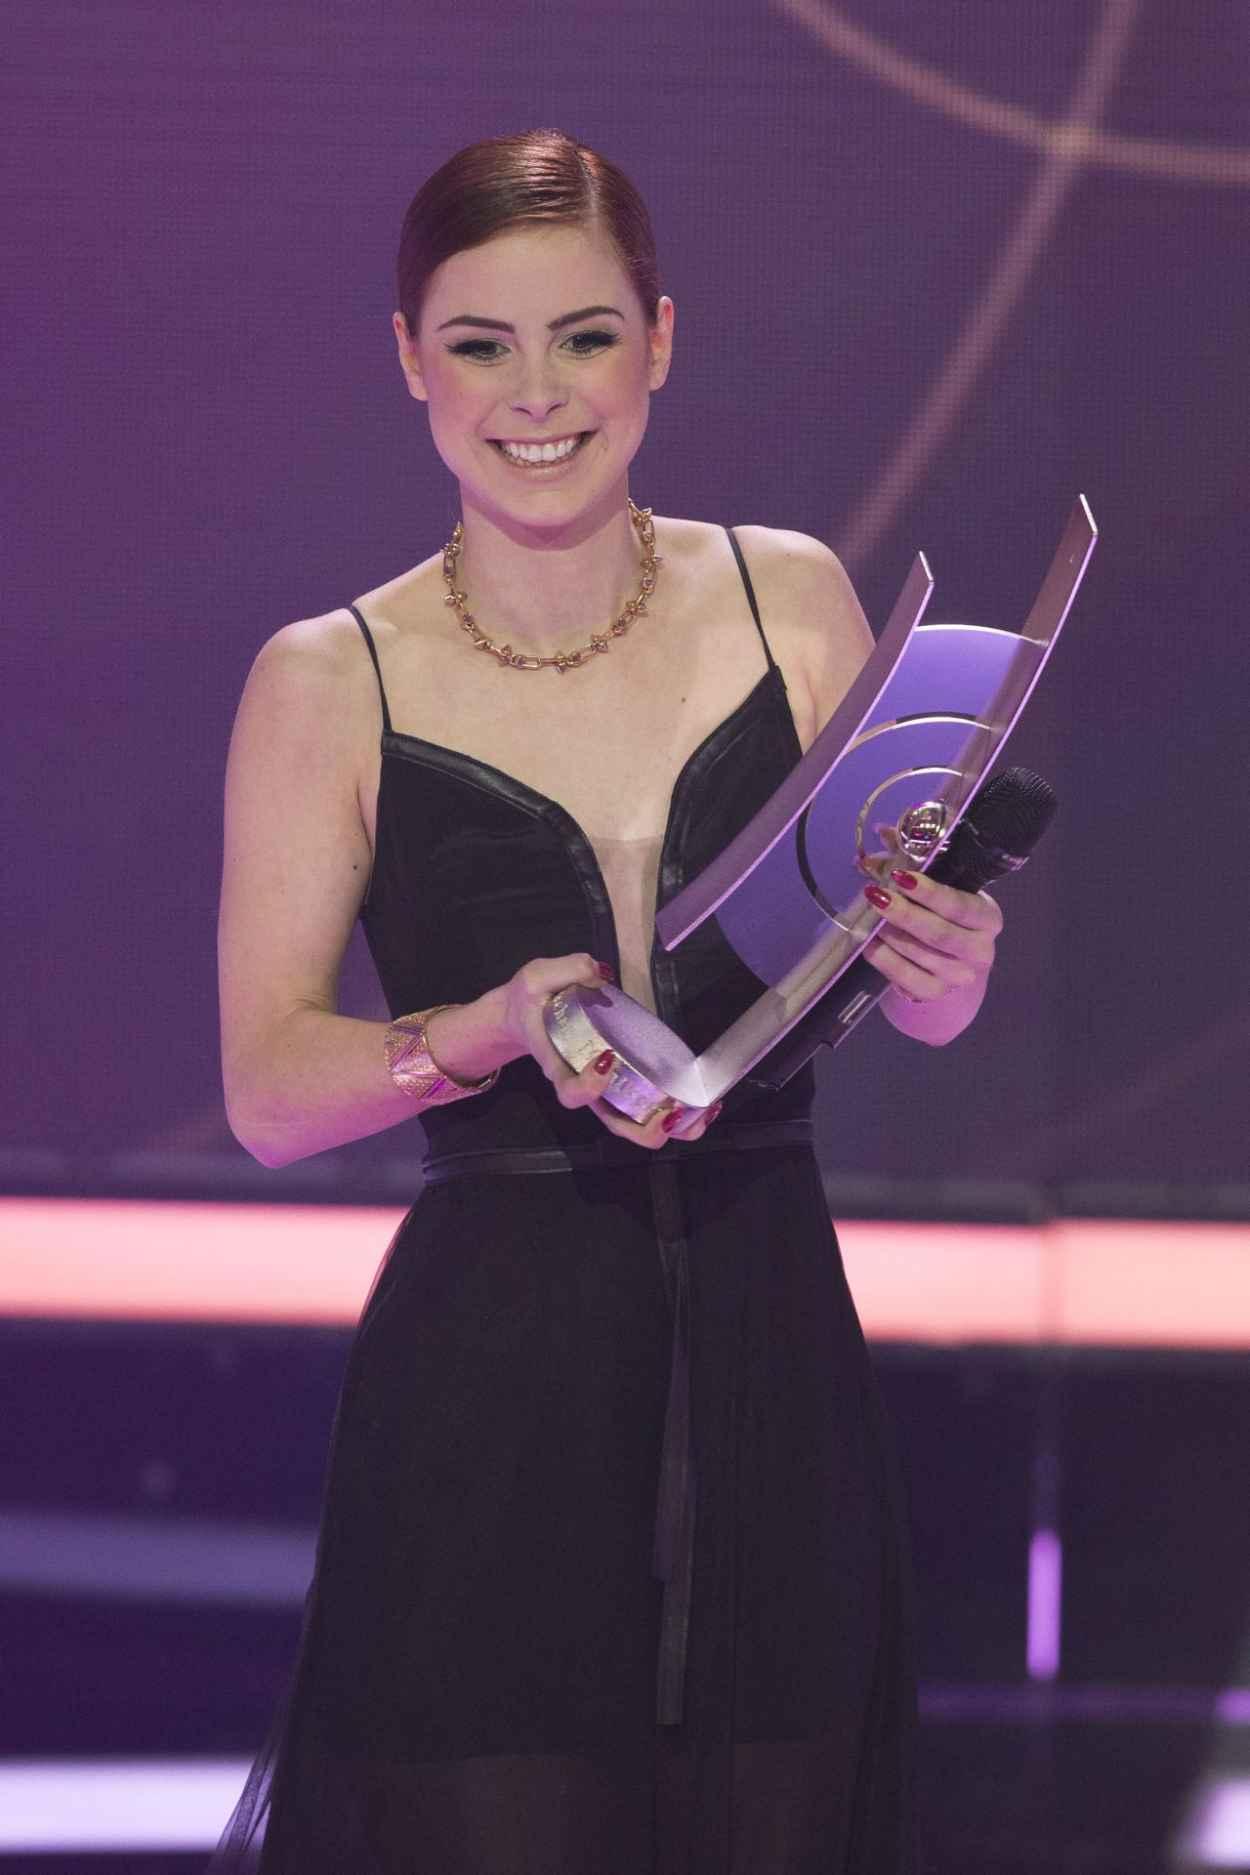 Lena Meyer Landrut - Echo Award 2015 in Berlin, Germany - March 2015-1